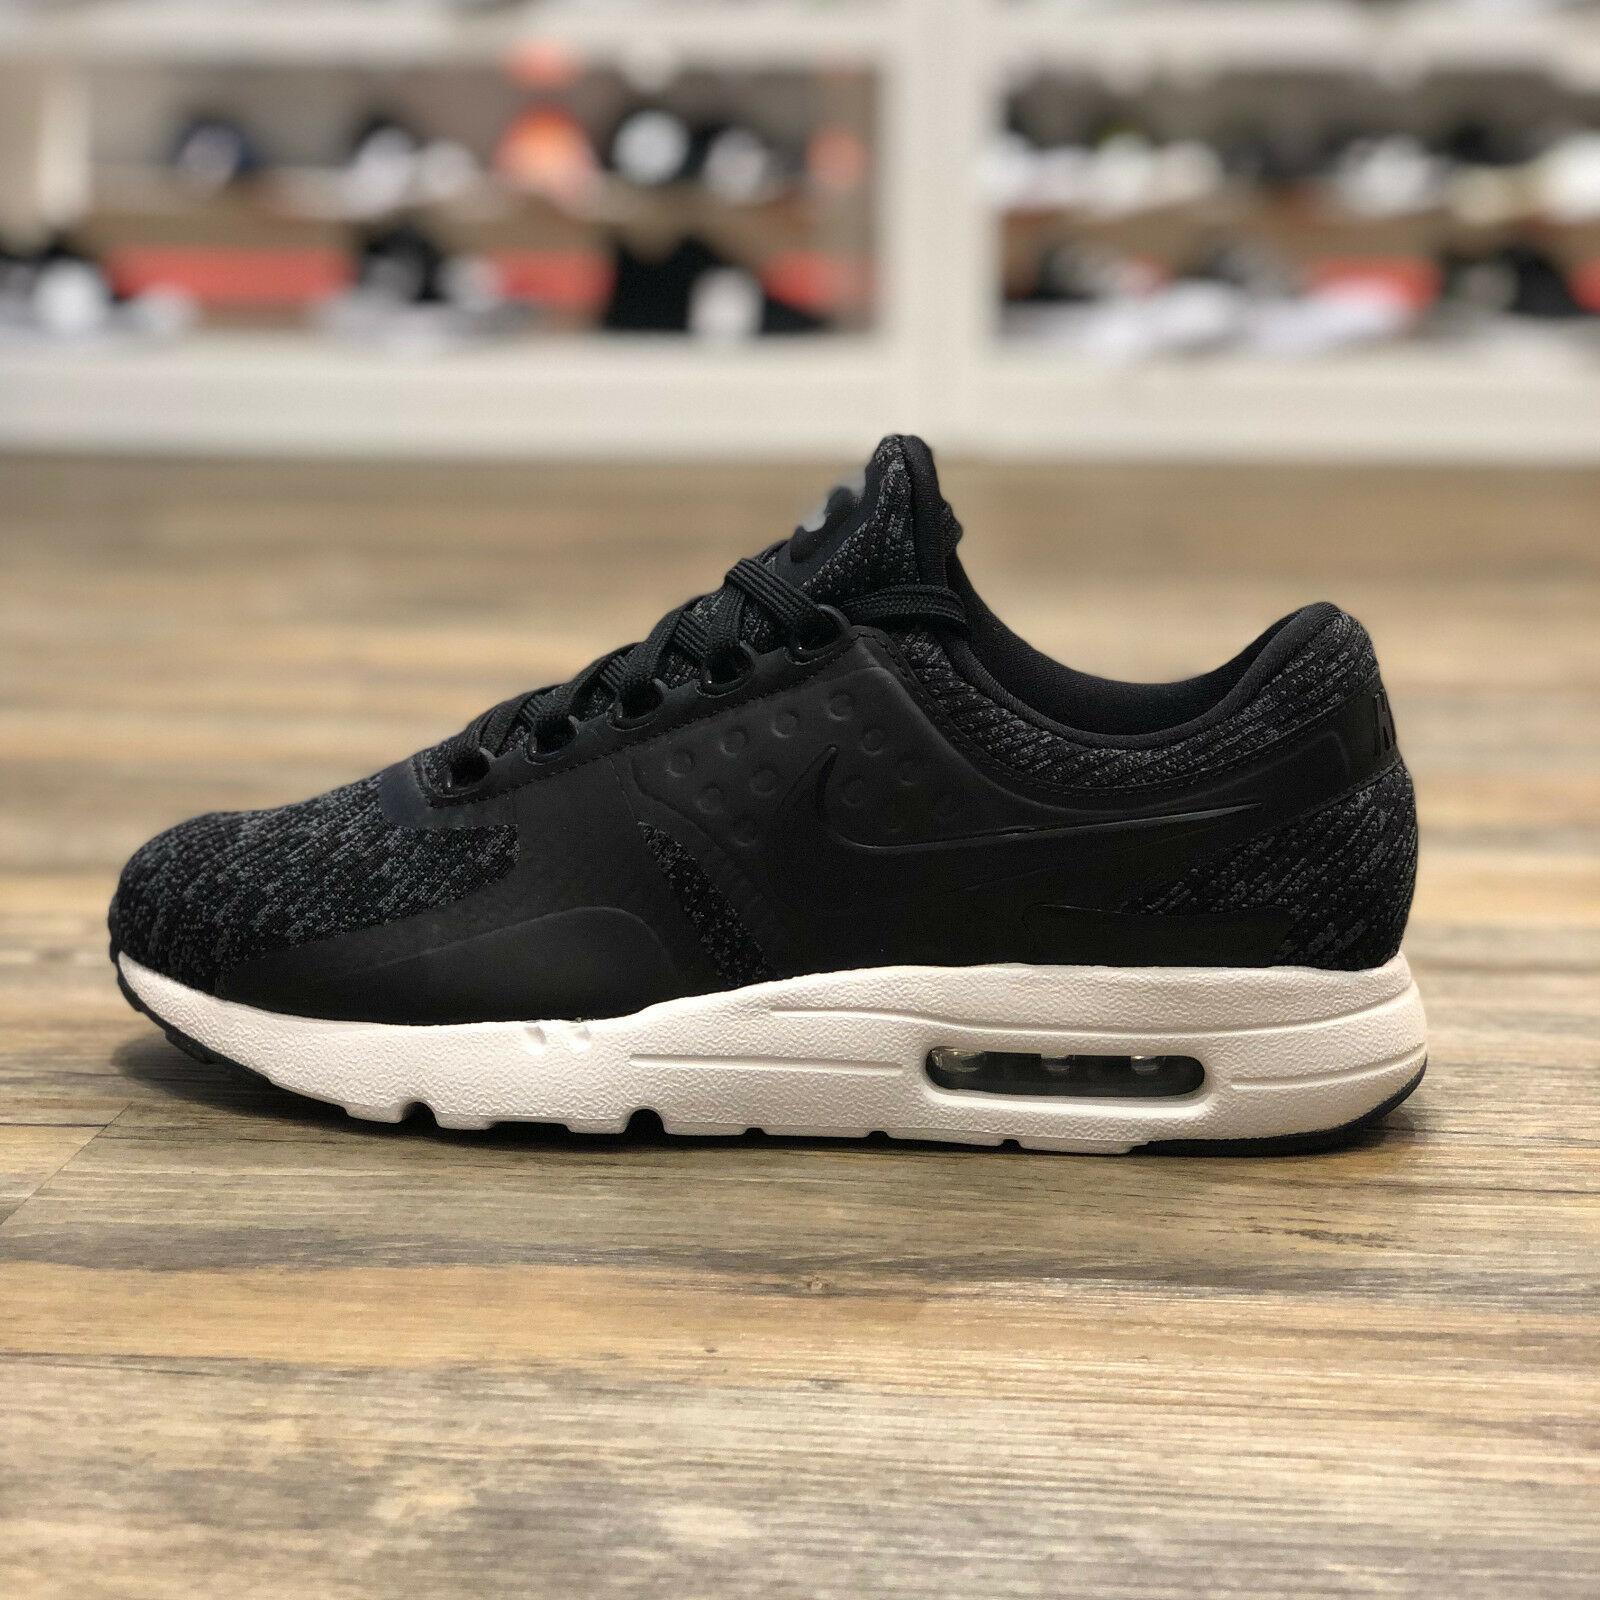 Blaue Nike Air Force 1 Schuhe günstig online kaufen | LadenZeile